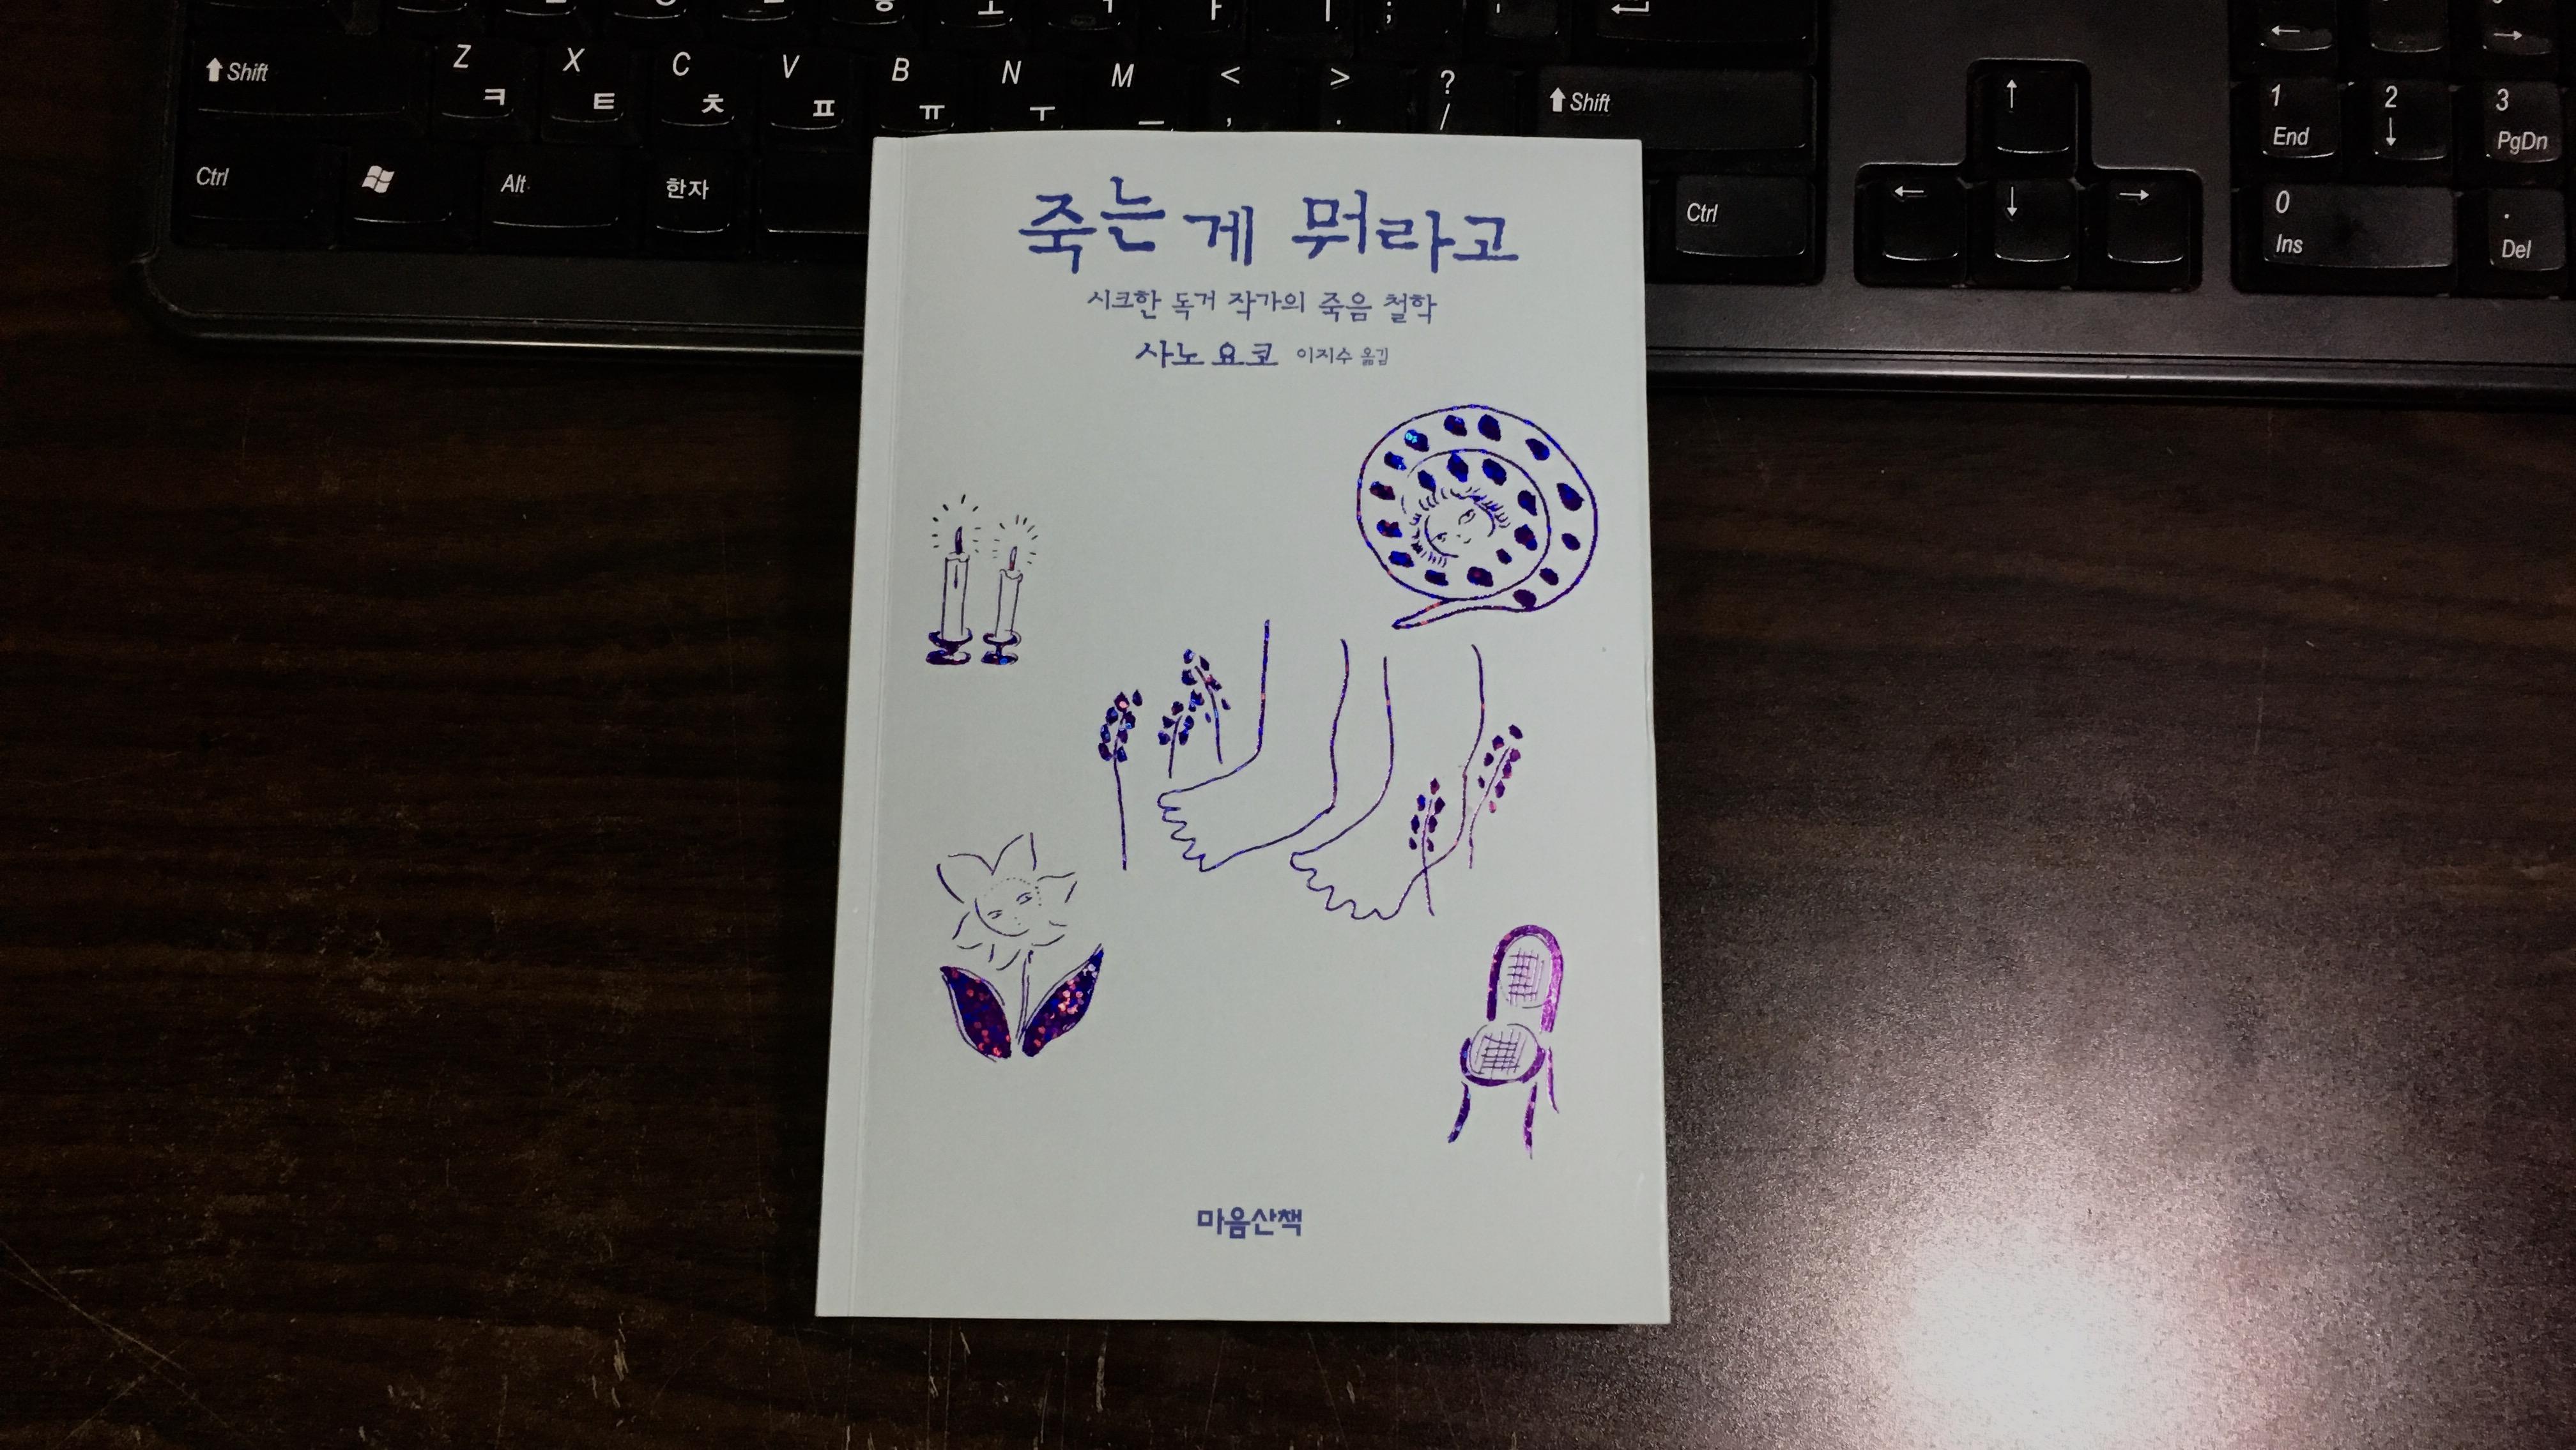 죽는게 뭐라고 - 사노 요코 / 이지수 역